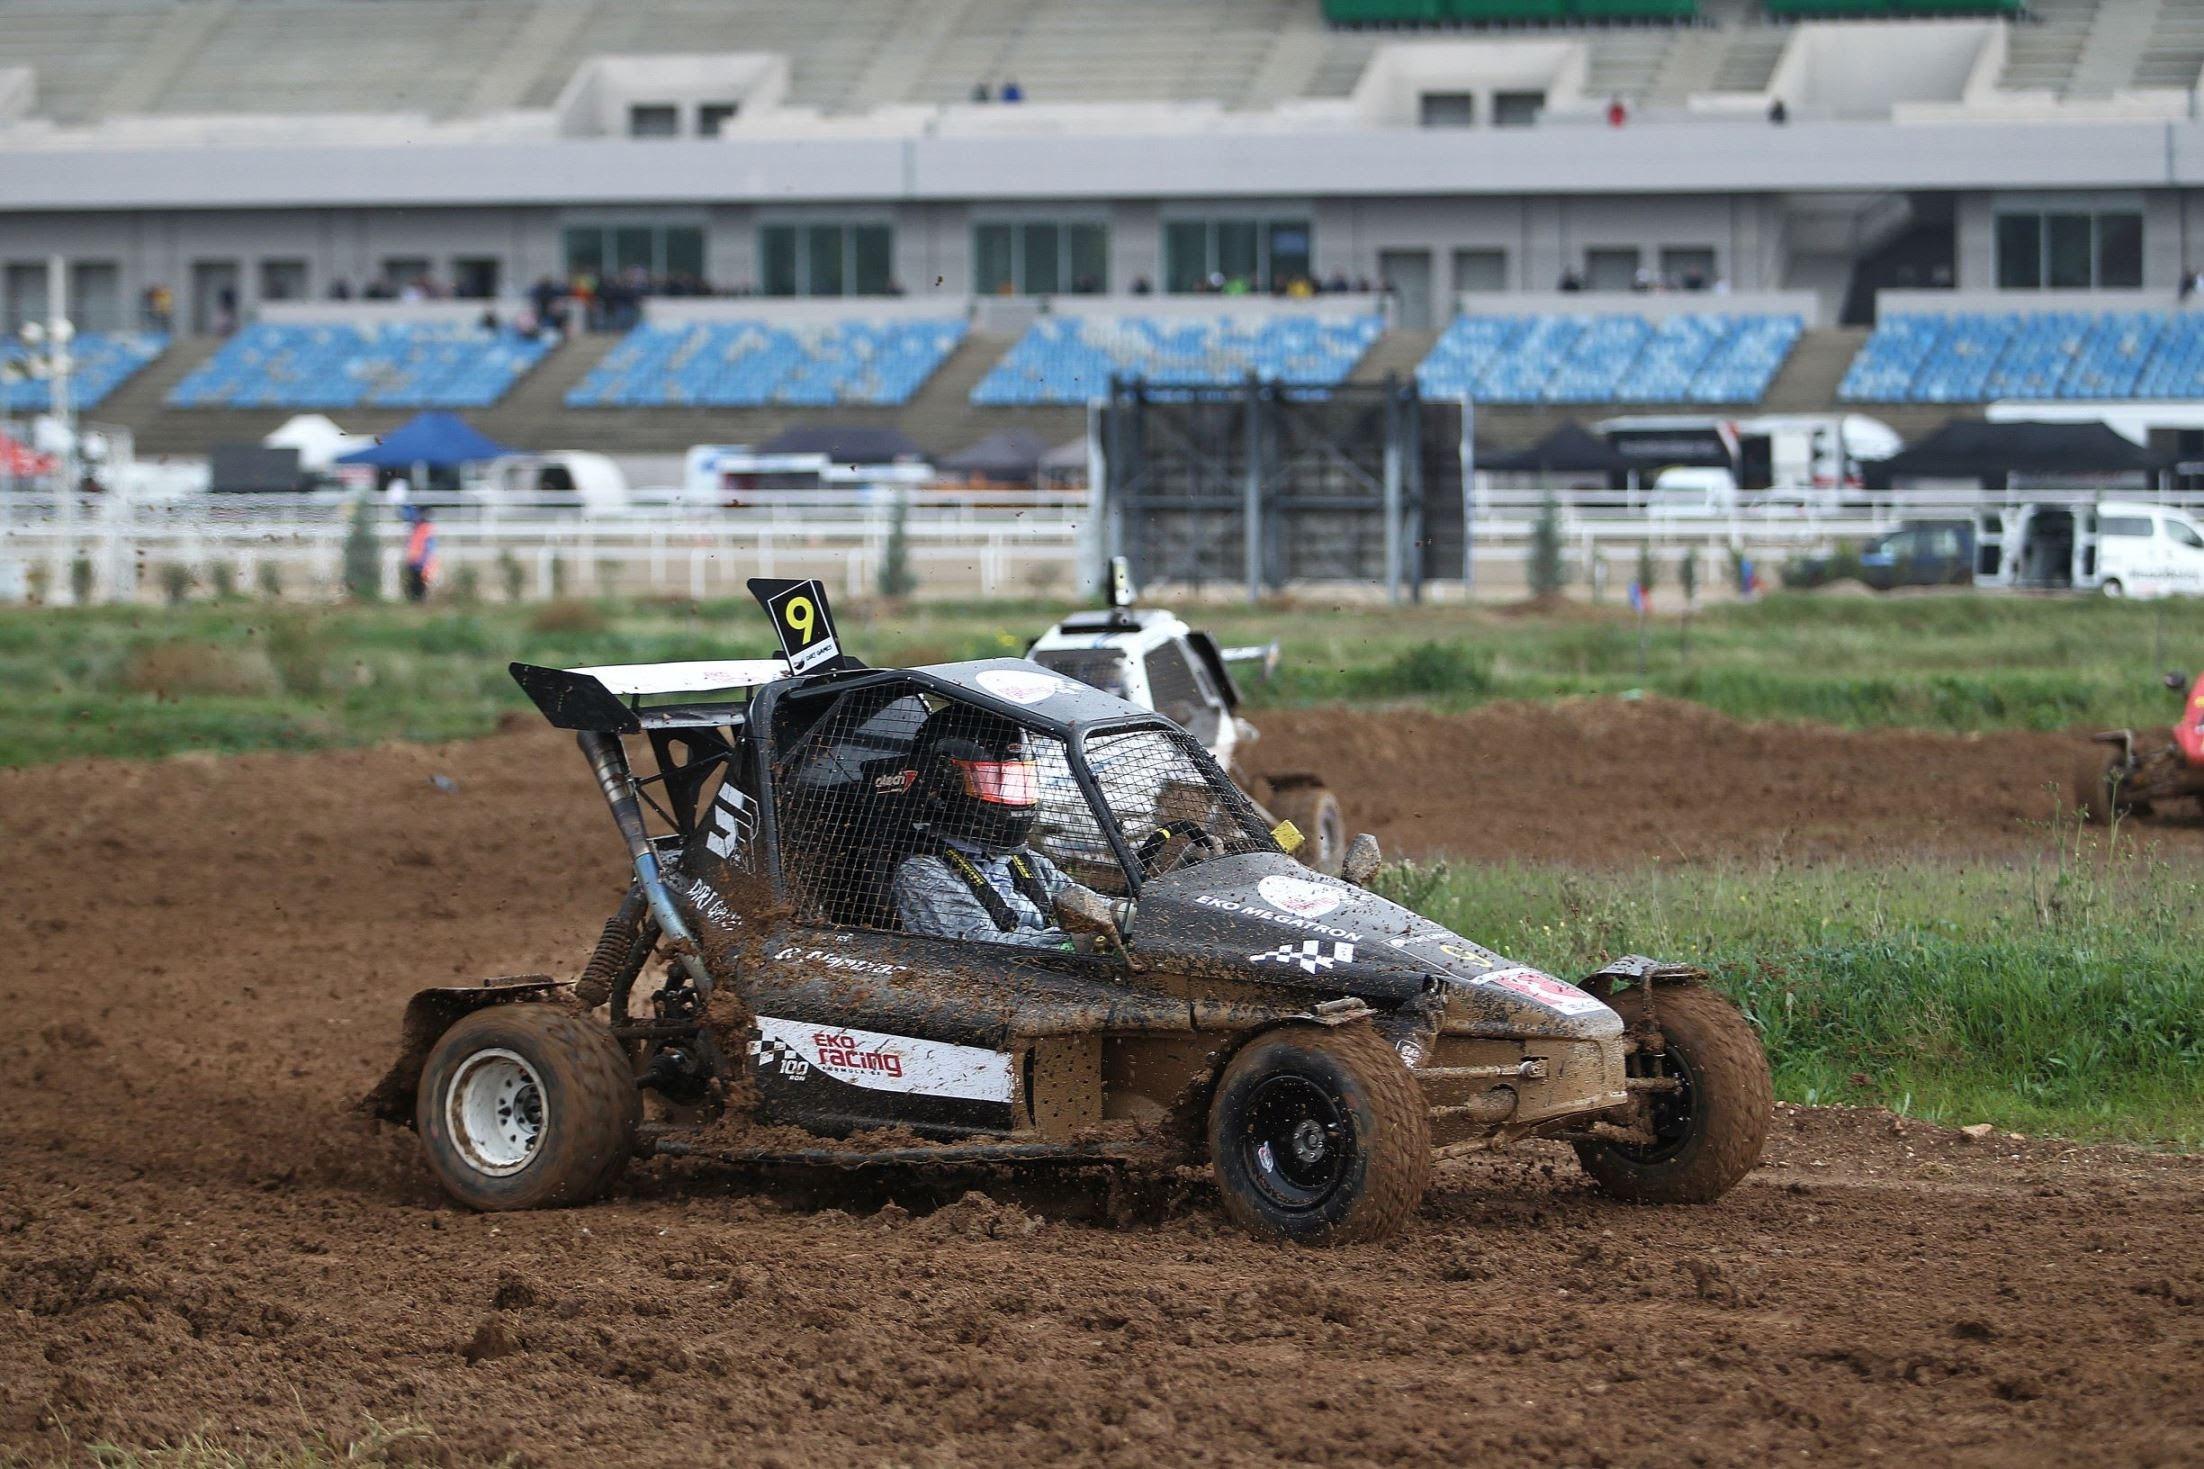 Ποιο θα είναι το μεγάλο δώρο που περιμένει τον νικητή του ΕΚΟ Racing Dirt Games & P.I.C.K. Πάτρας